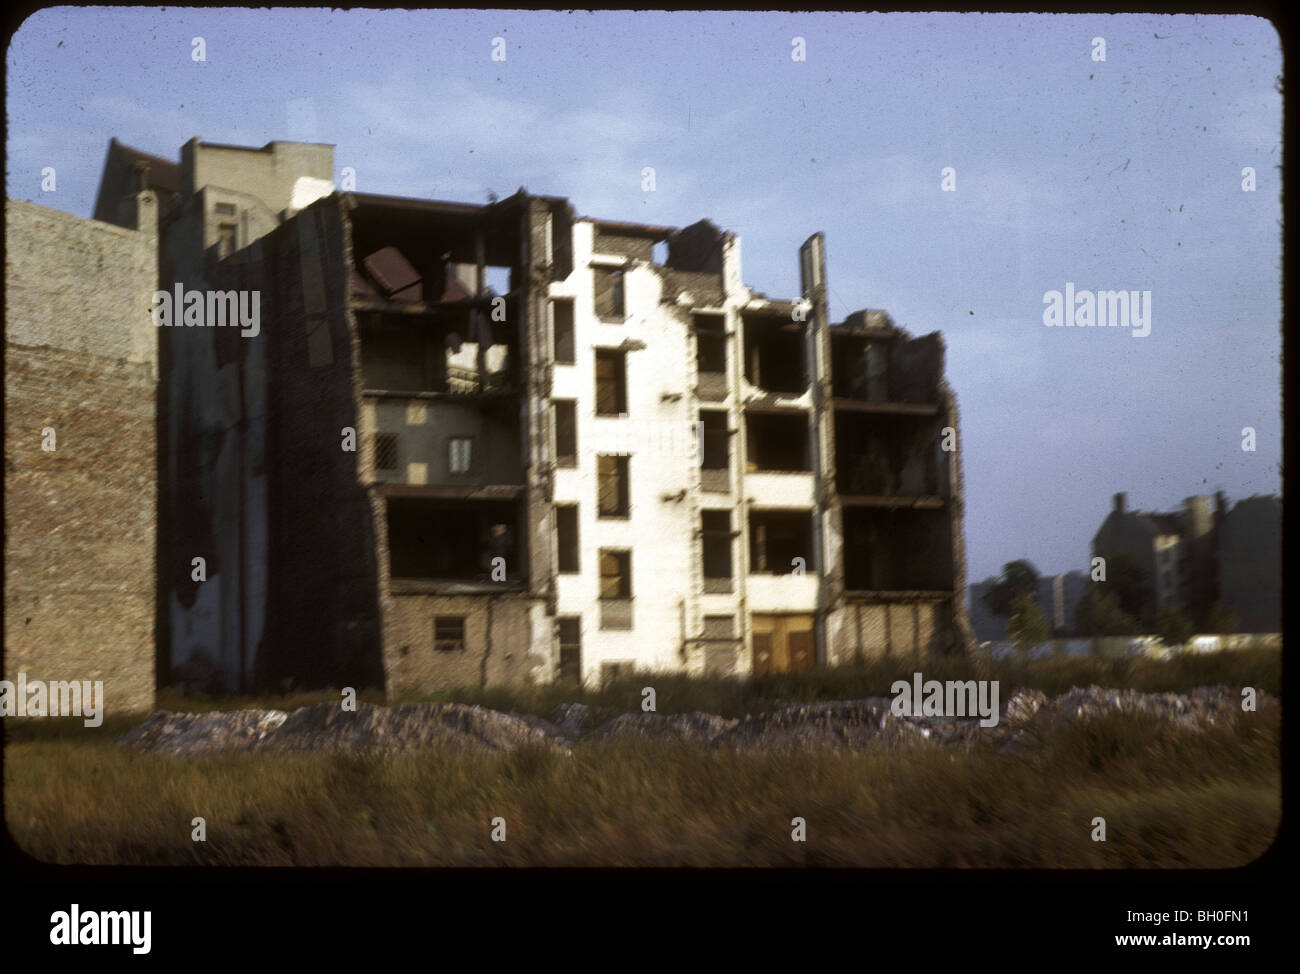 Berlín, junto al Muro de Berlín, visto desde Alemania Occidental durante la década de 1960. Imagen De Stock